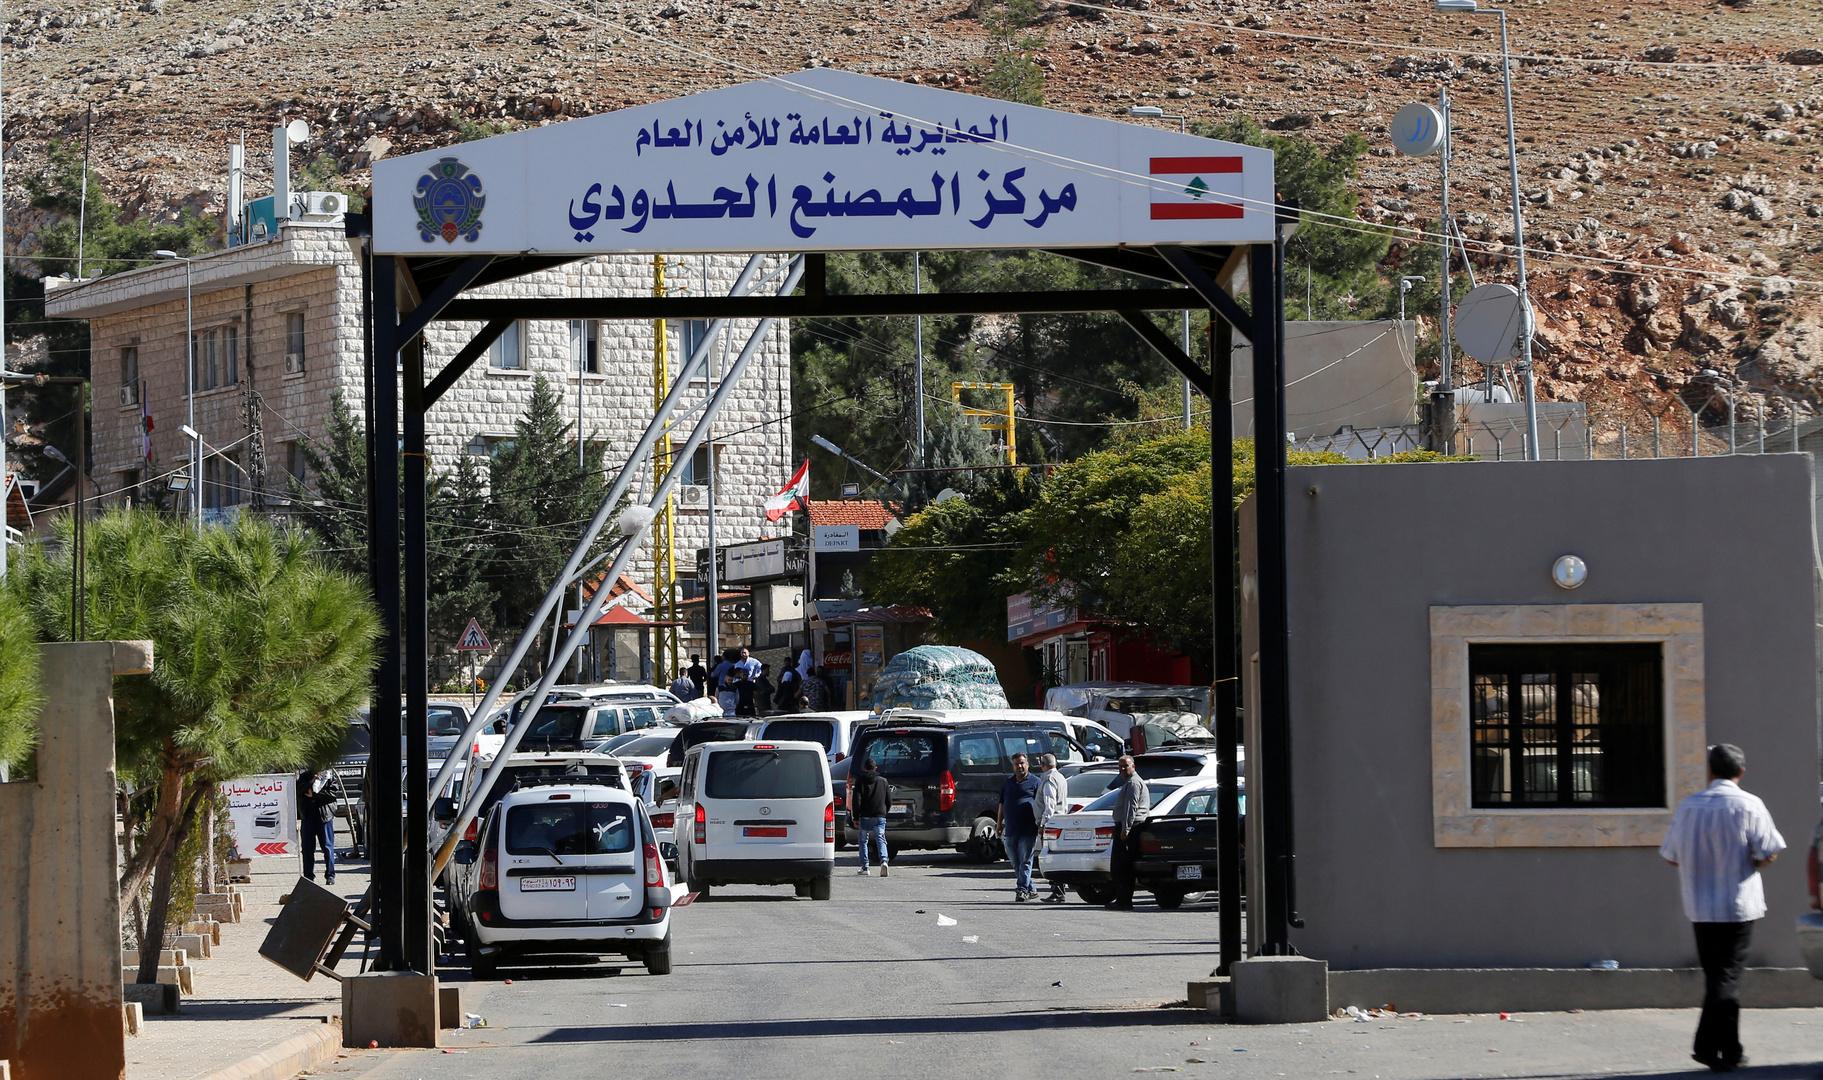 نقطة المصنع الحدودية بين لبنان وسوريا، صورة أرشيفية